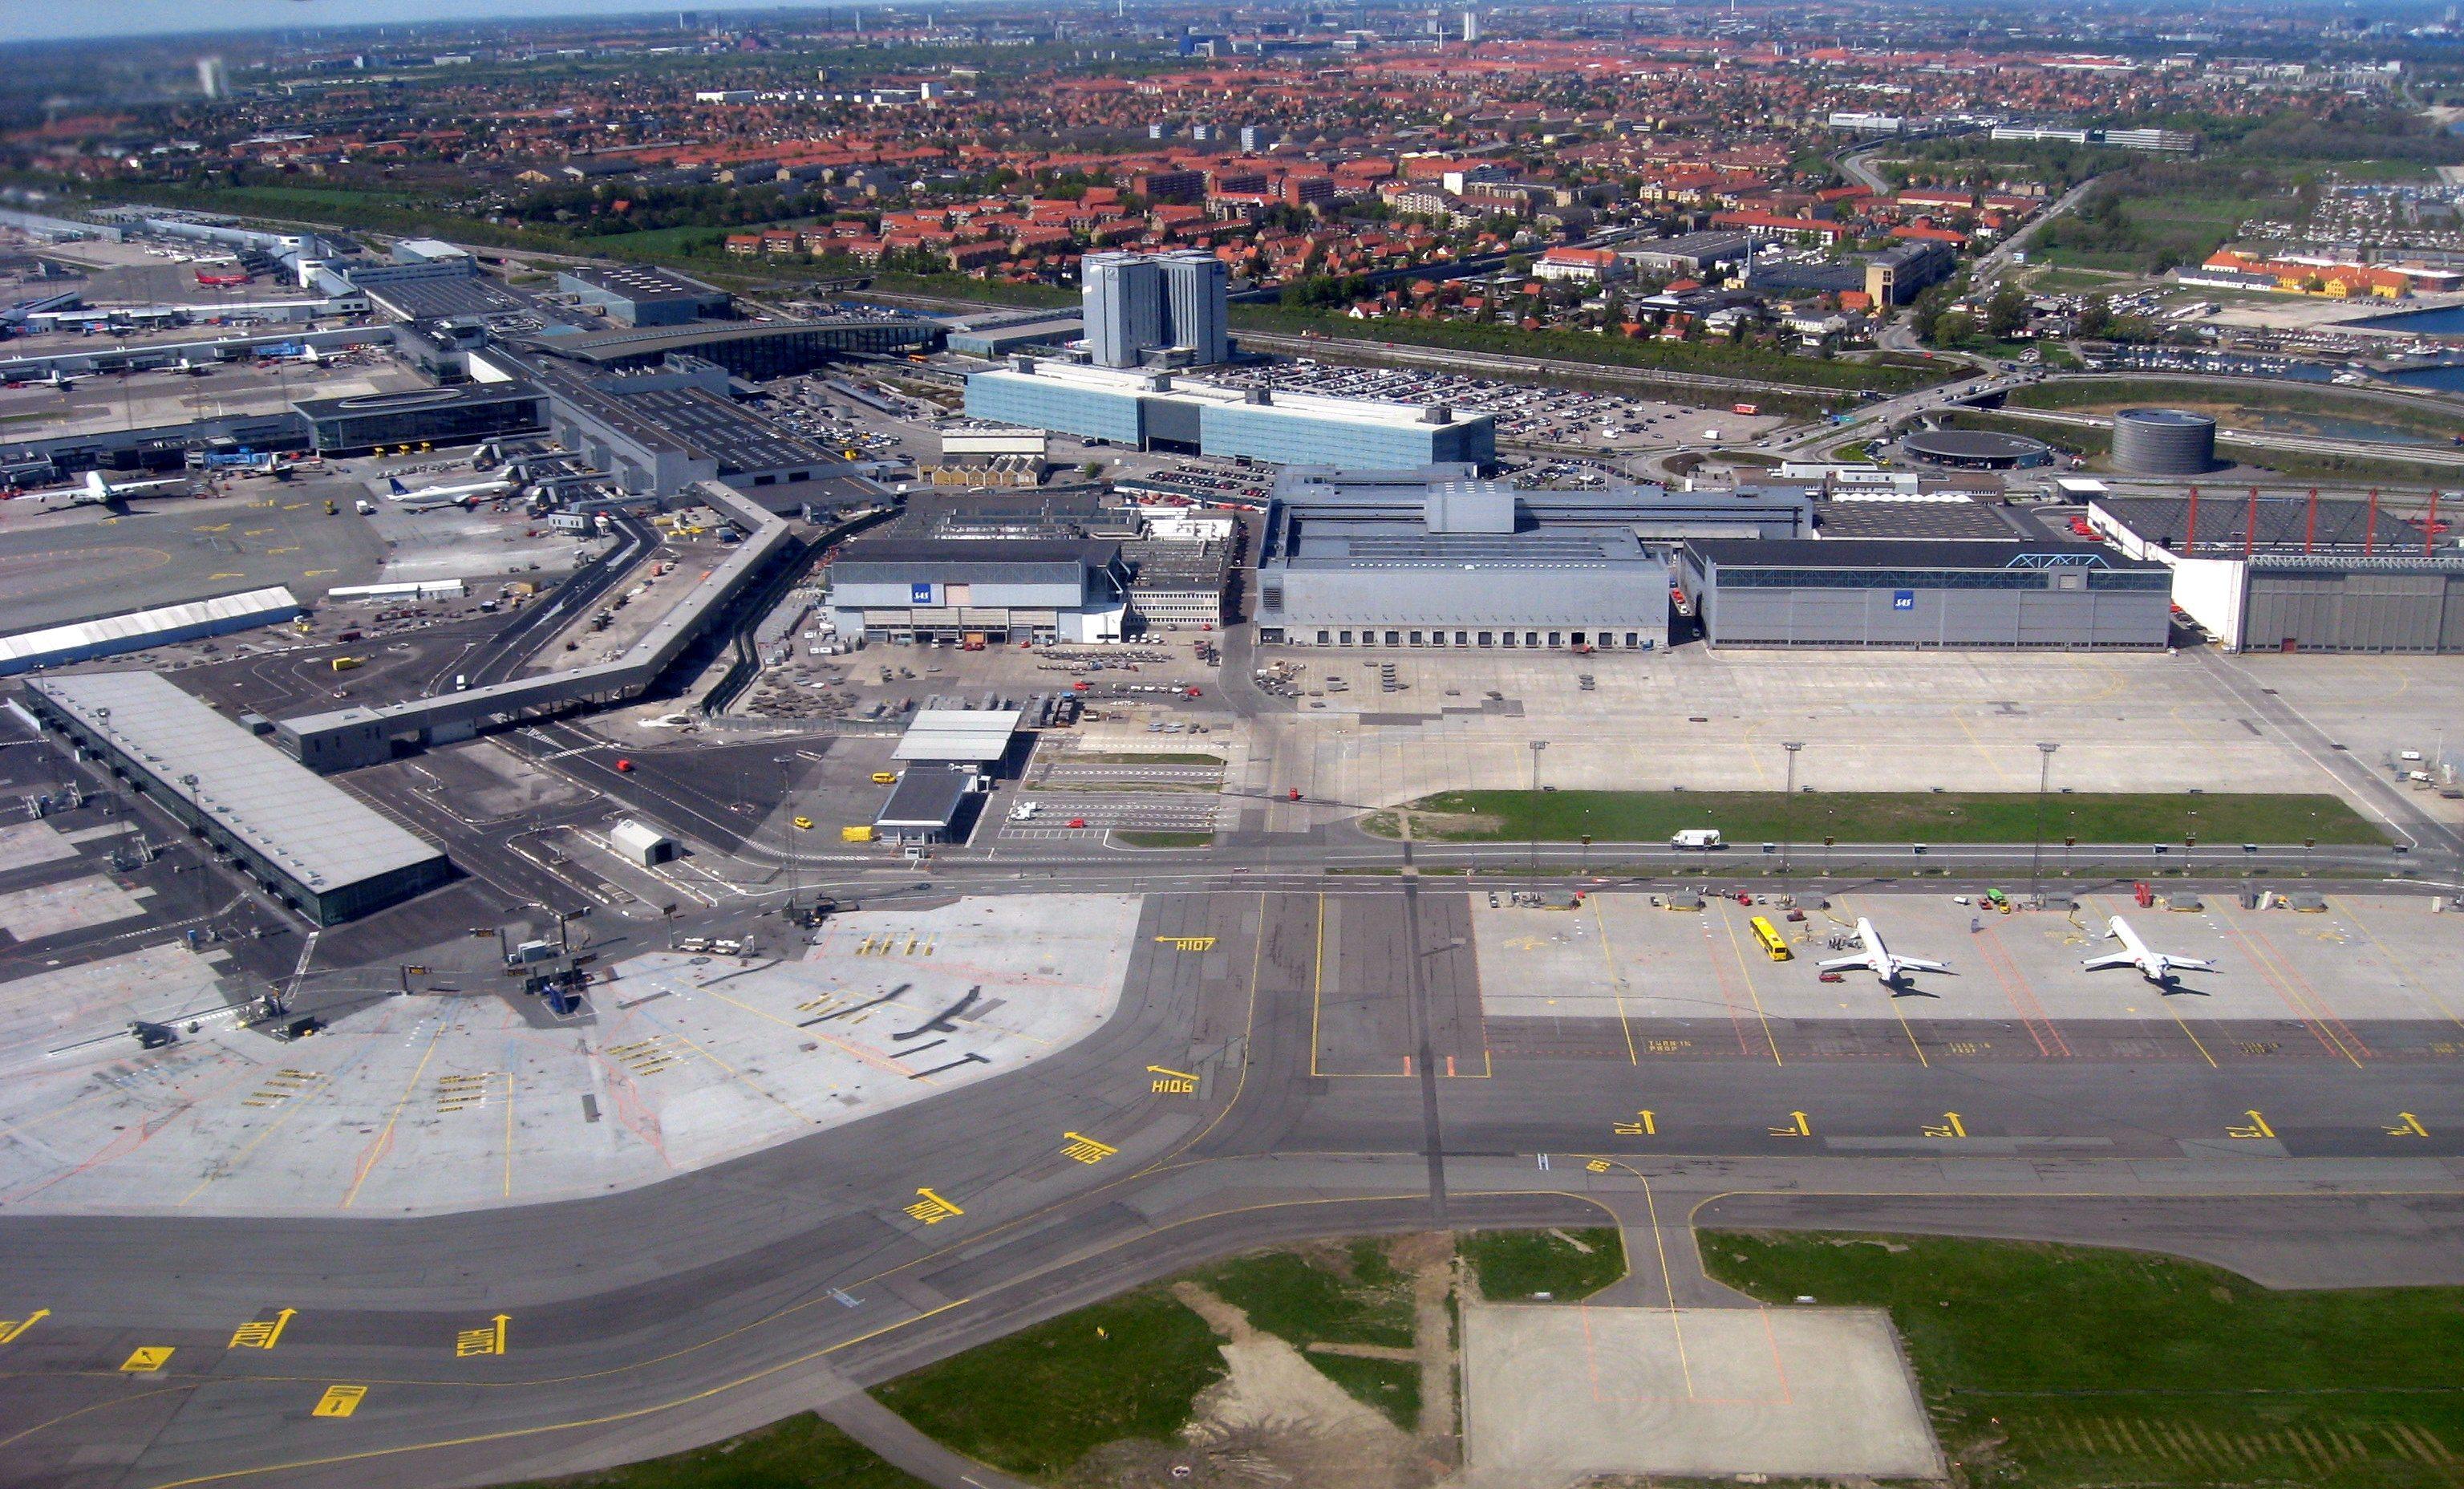 Kopenhagen Airport